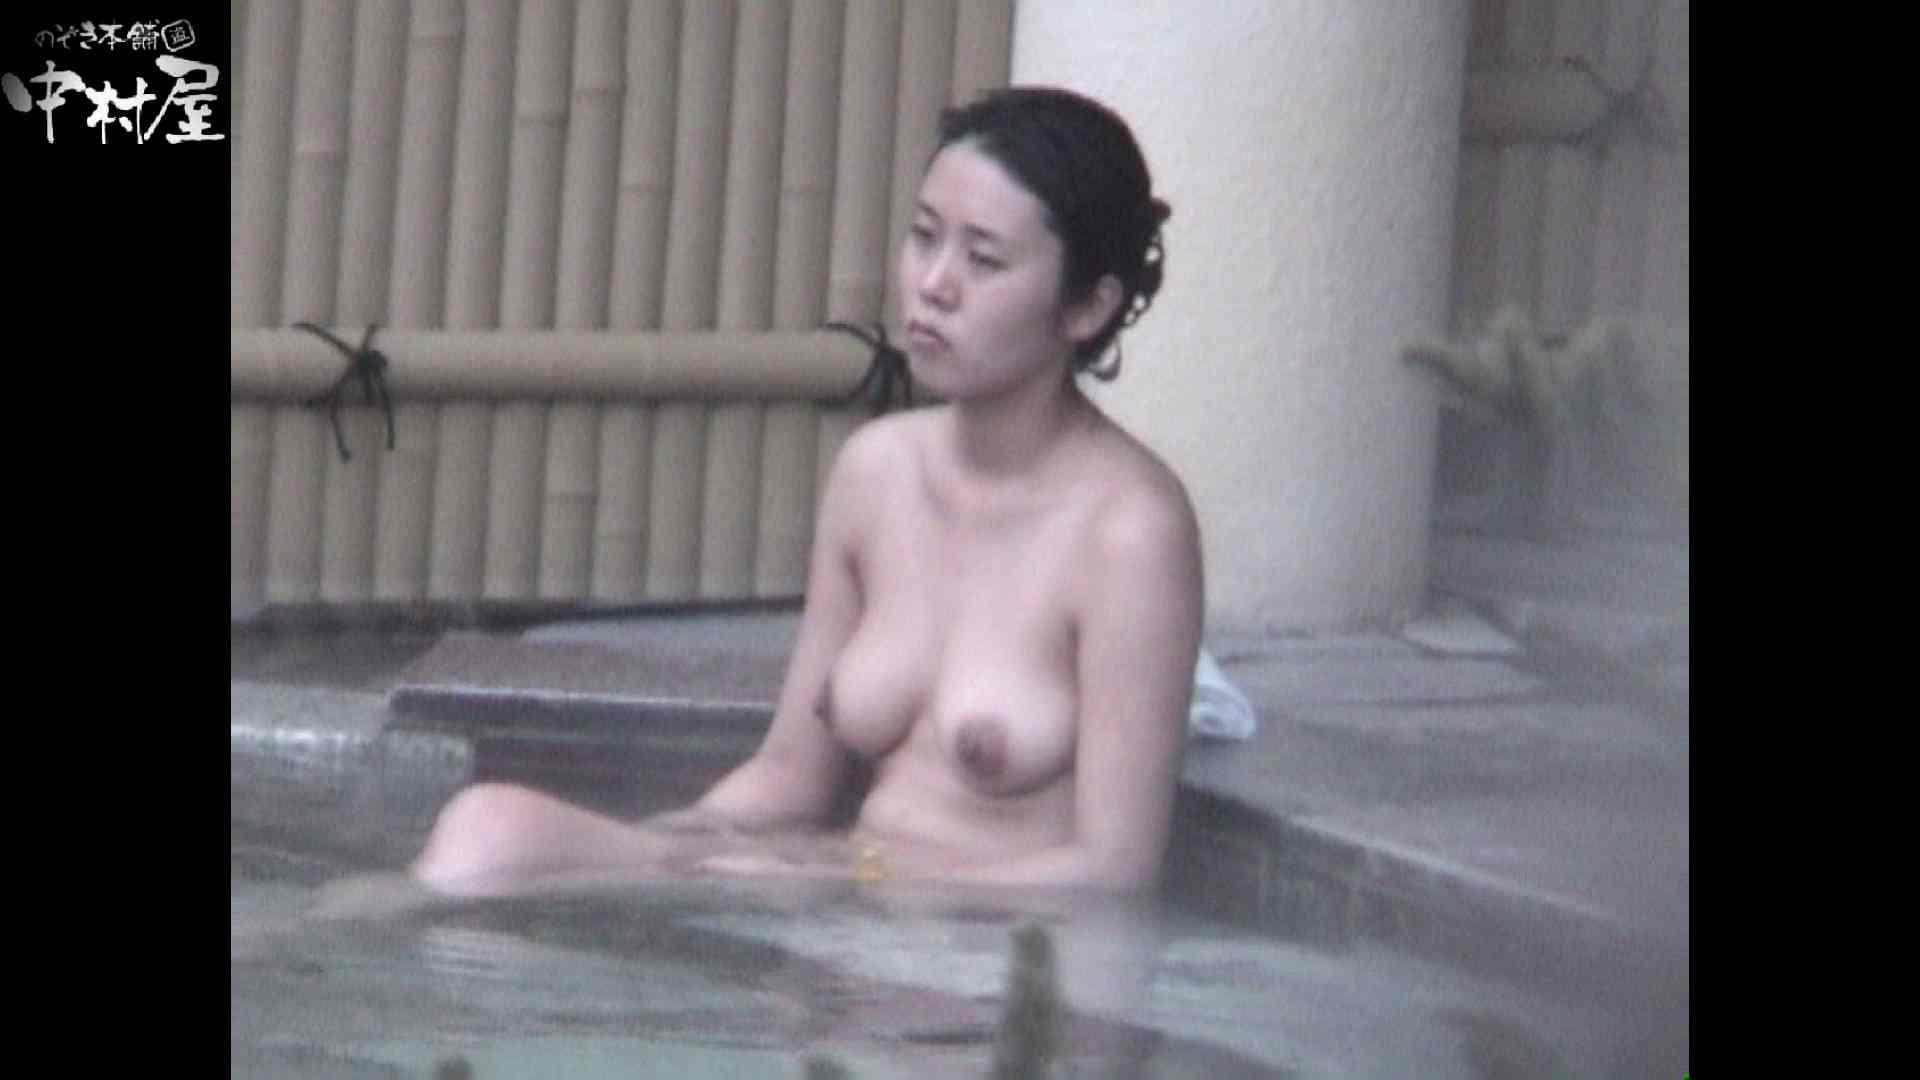 Aquaな露天風呂Vol.923 OLハメ撮り  91Pix 85